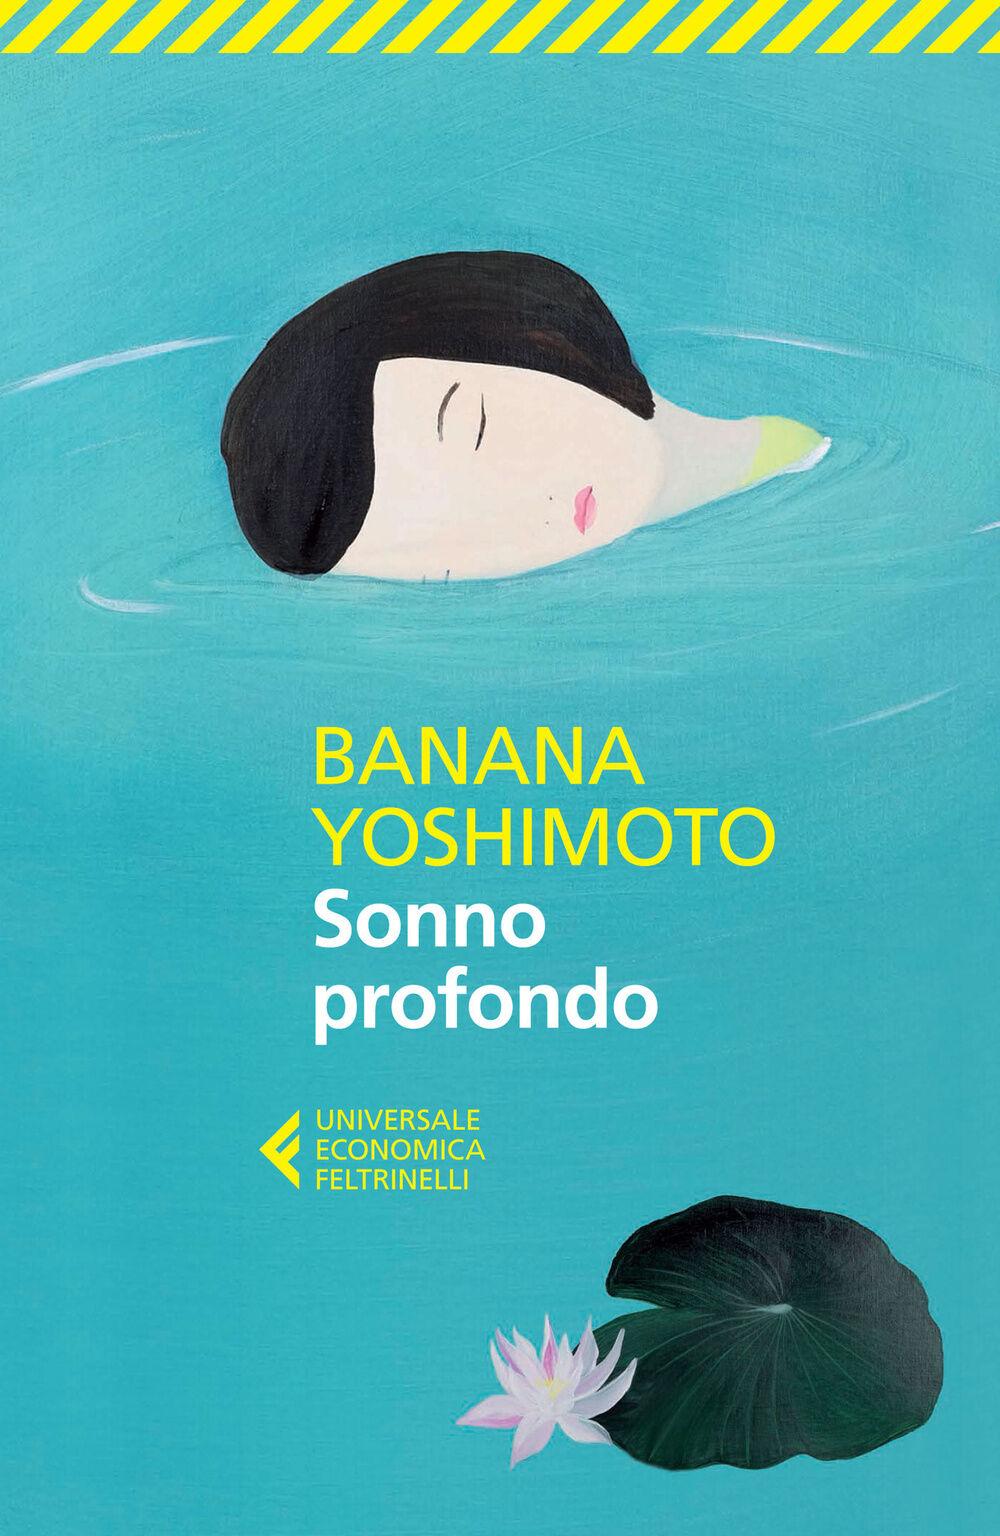 Sonno profondo banana yoshimoto libro feltrinelli - Il giardino segreto banana yoshimoto ...